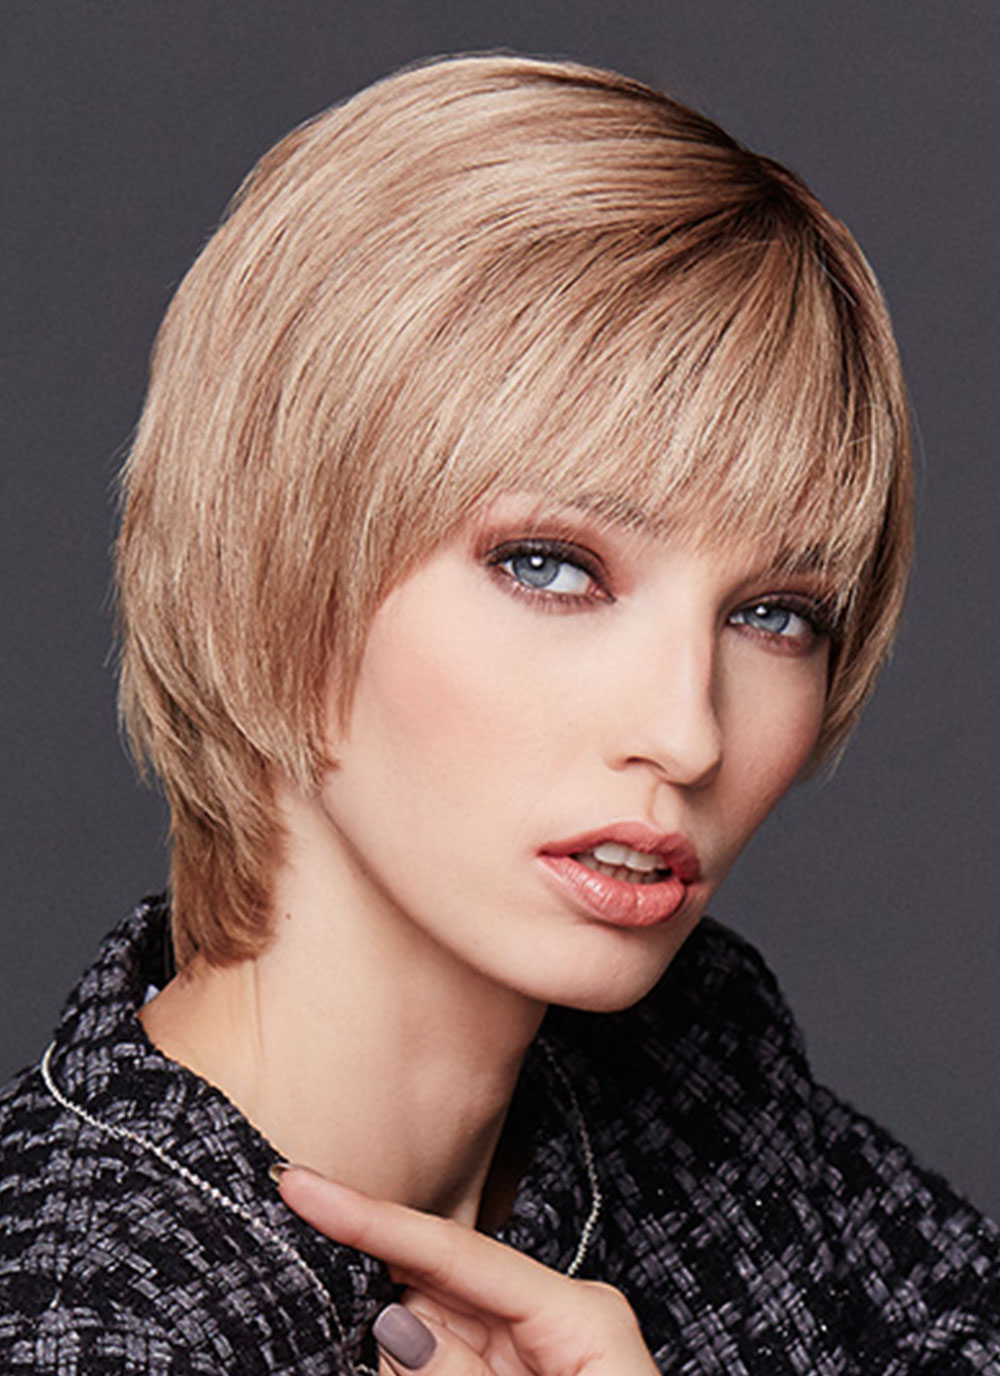 peruca par natural, peruca peruca luxery lace a, peruci cluj, peruci timisoara, peruca gisela mayer